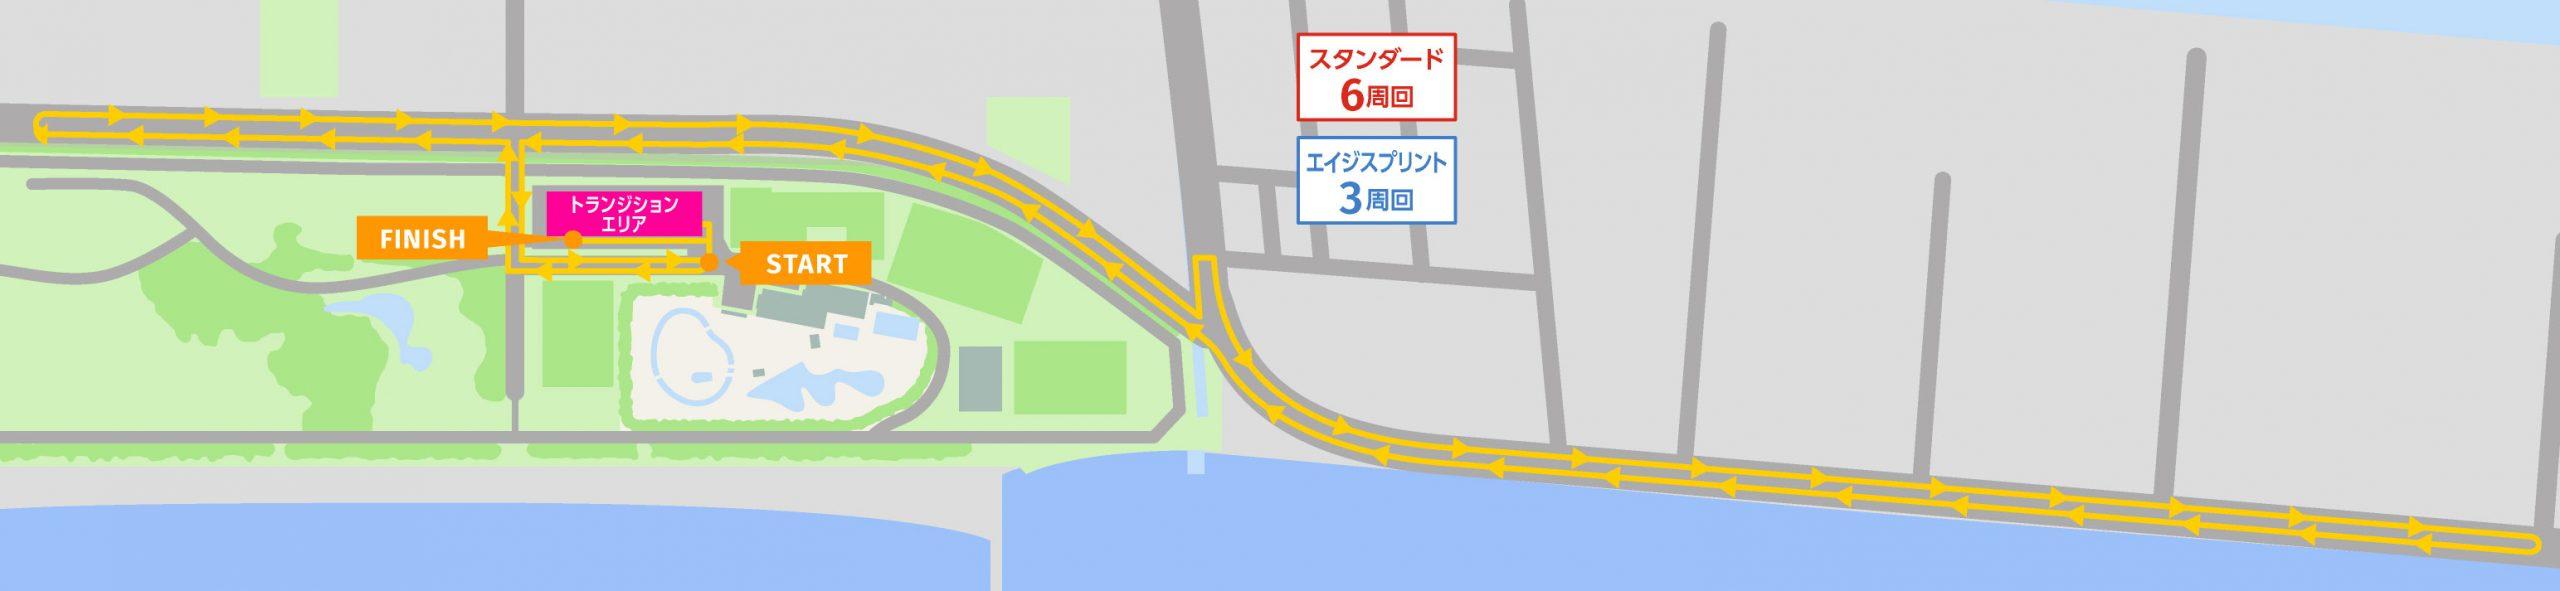 バイクコース図_スタンダード